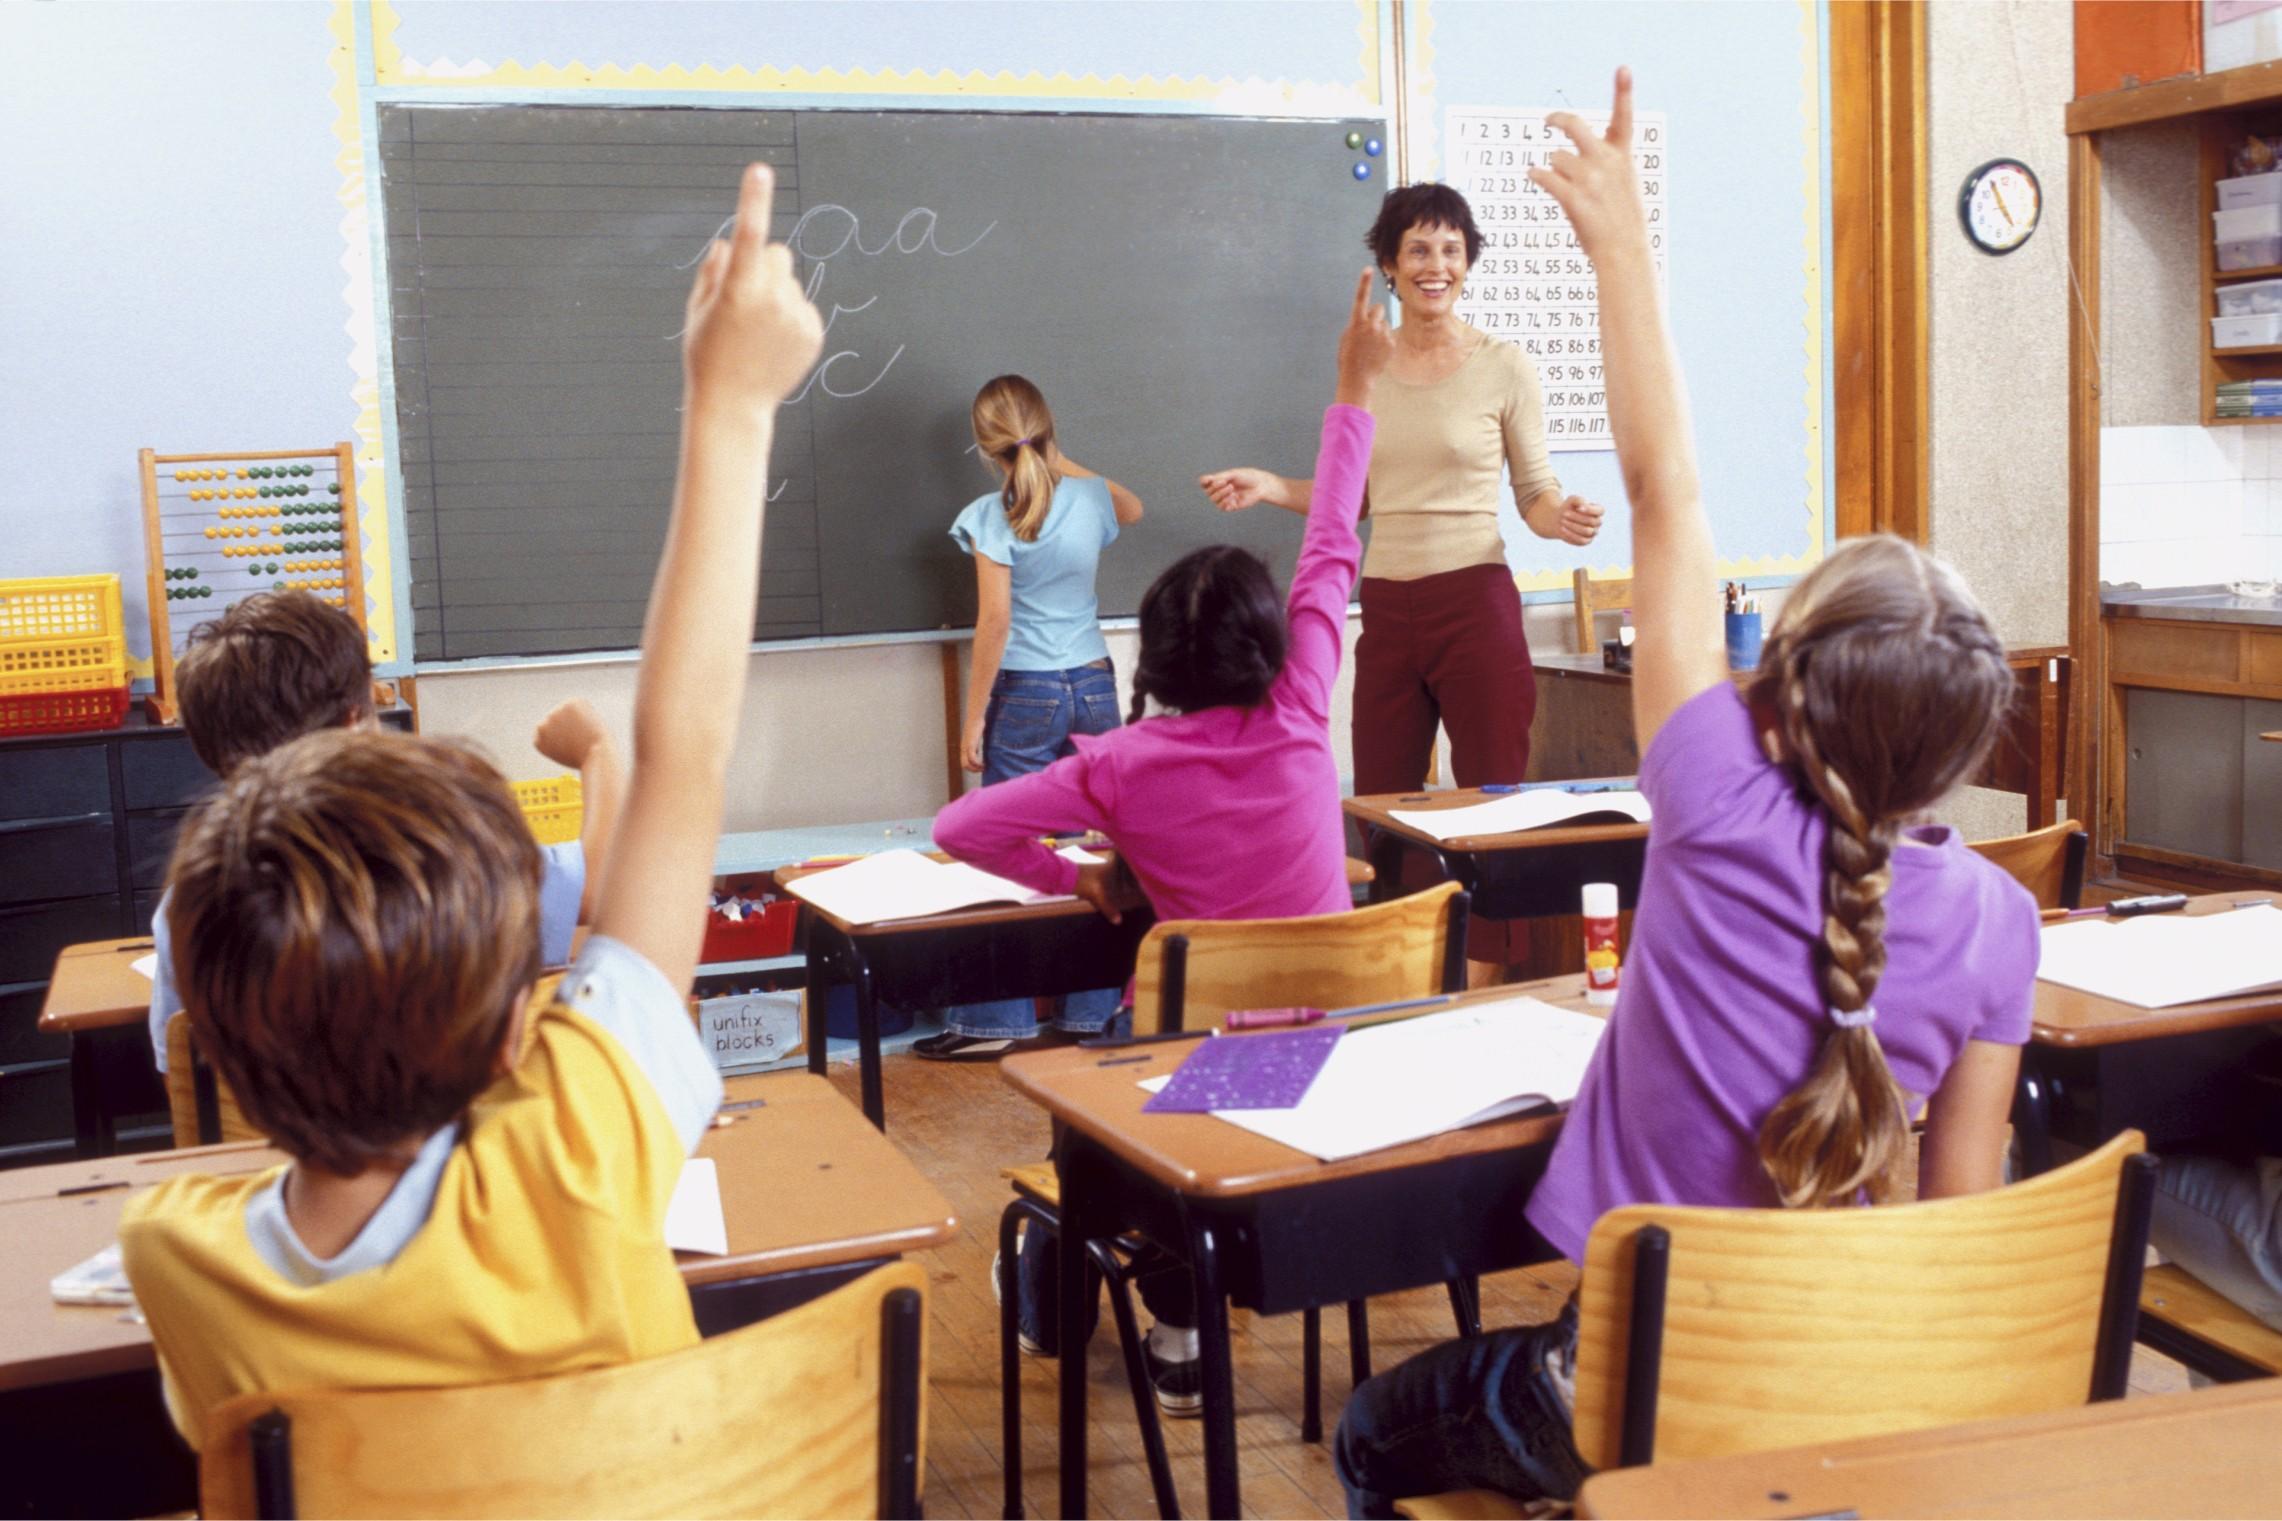 Scuola Scuola Scuola